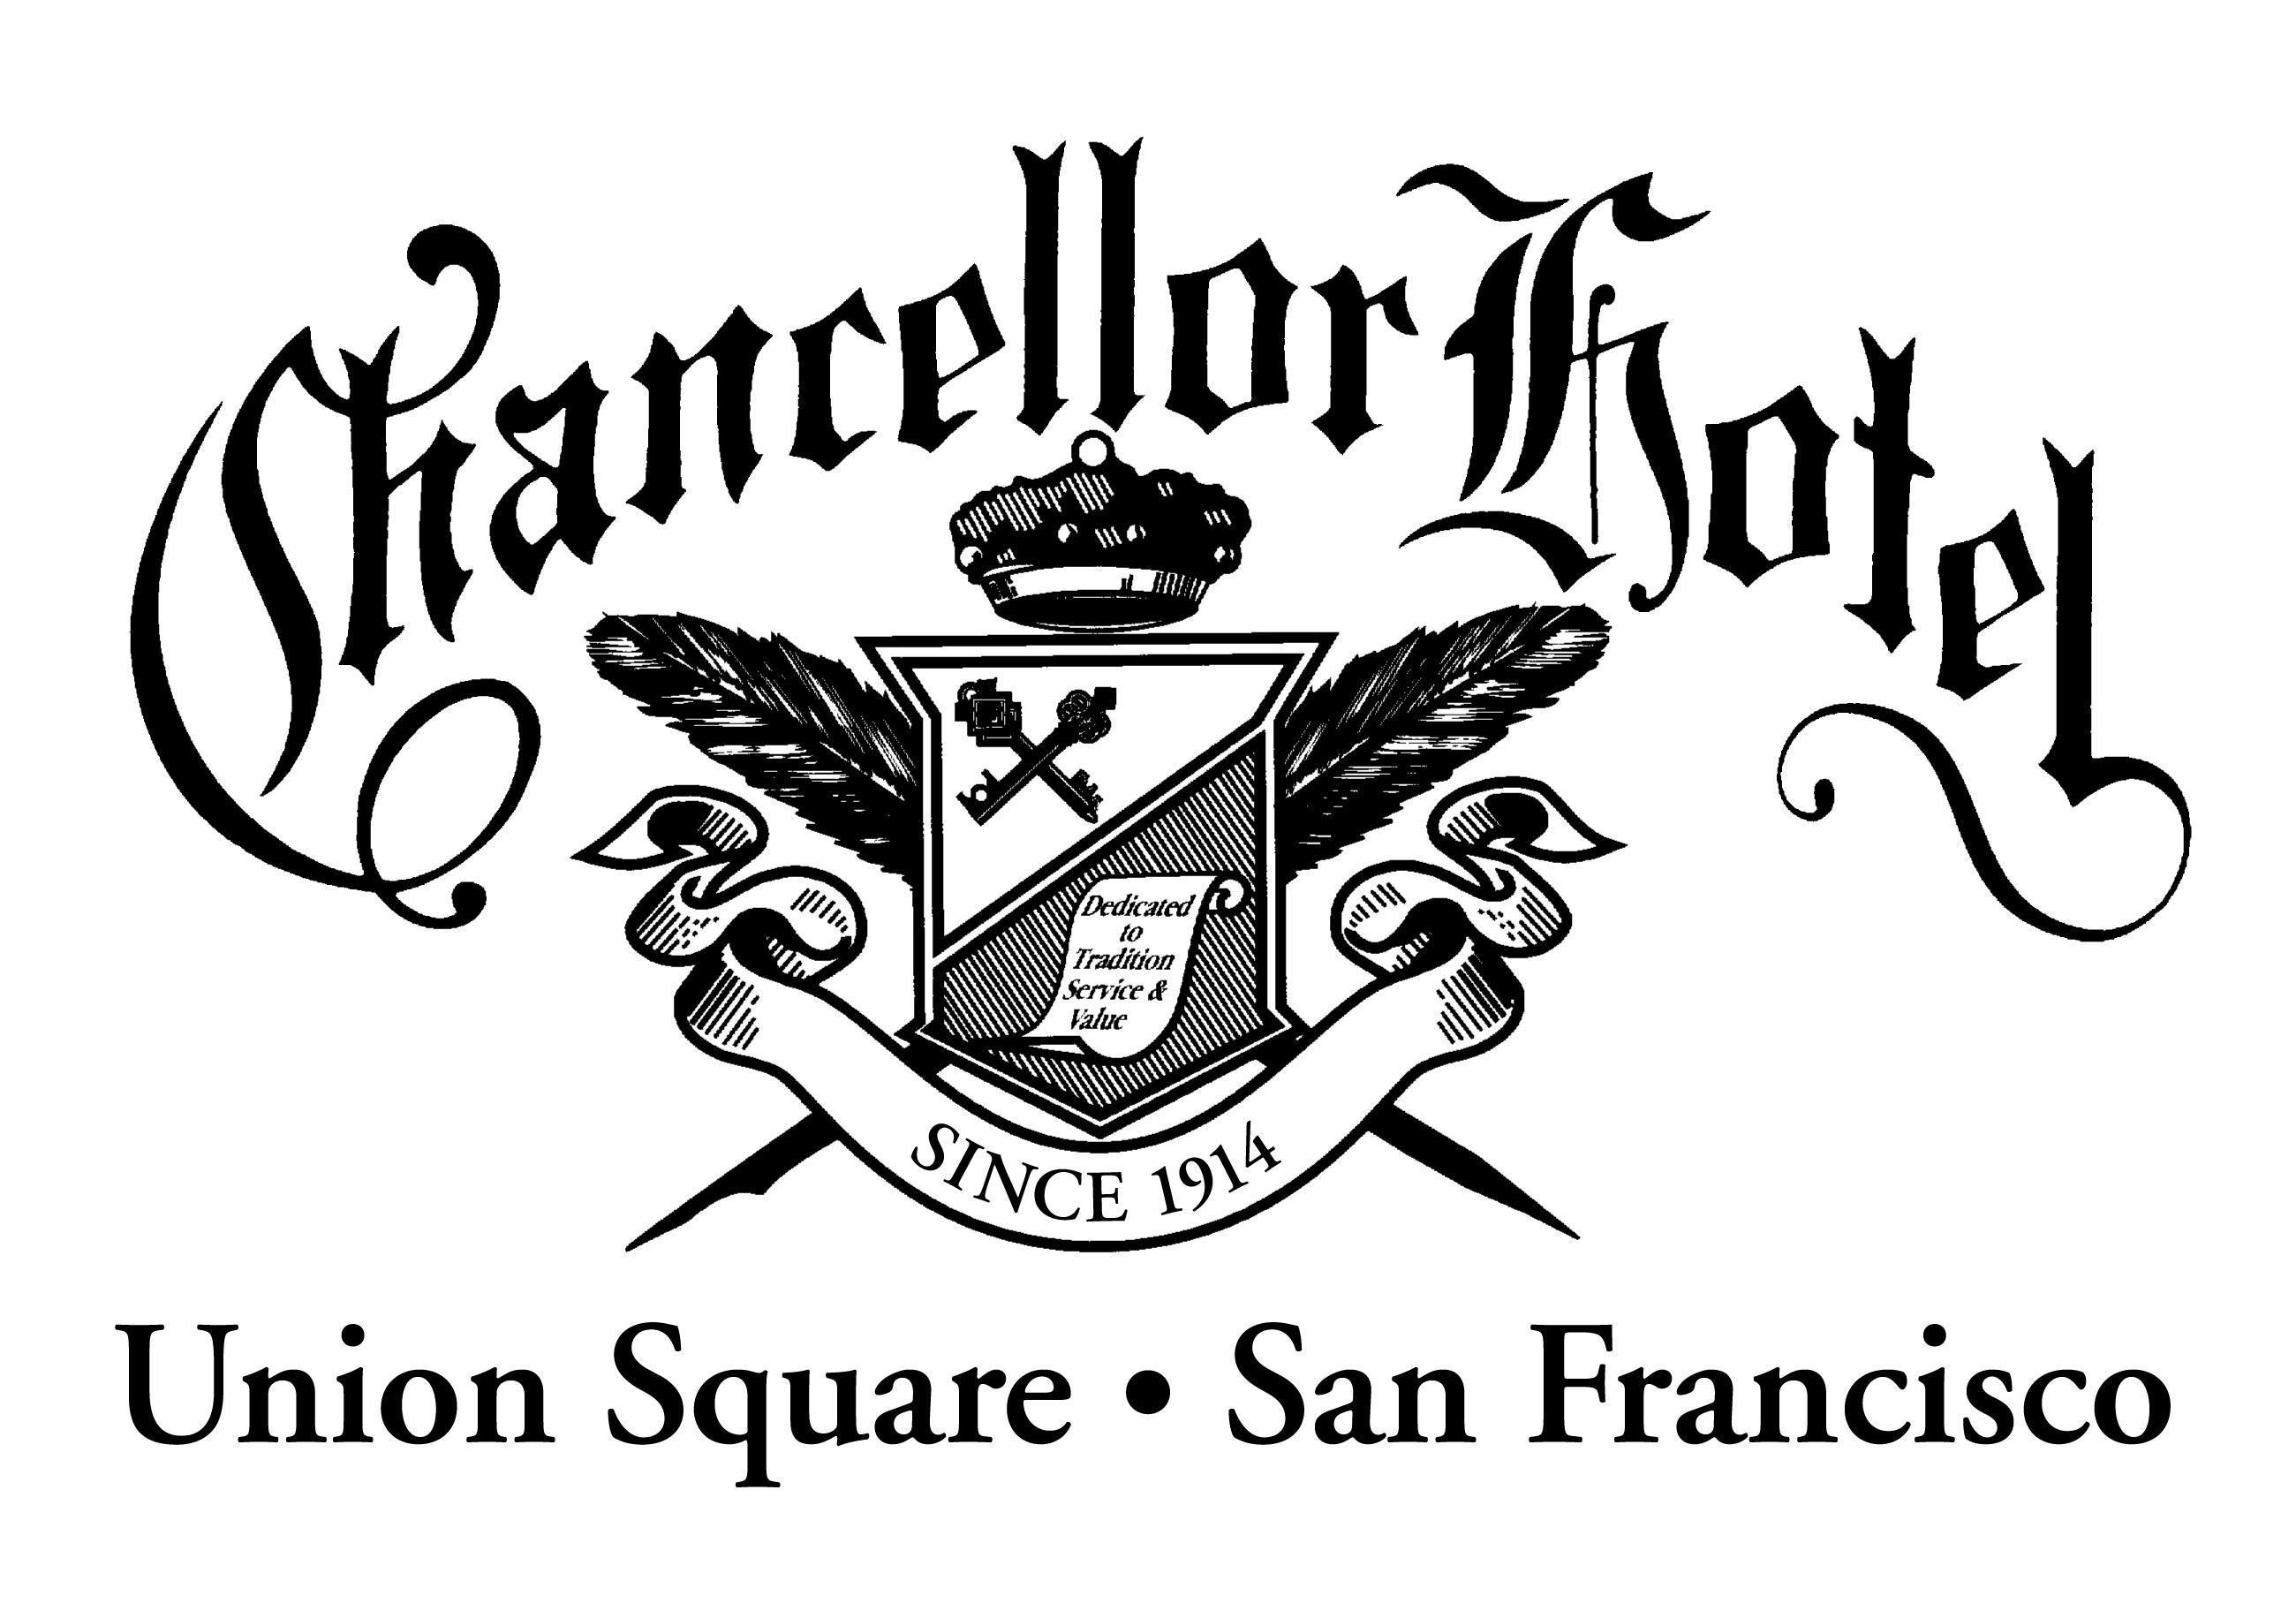 Logo of Chancellor Hotel